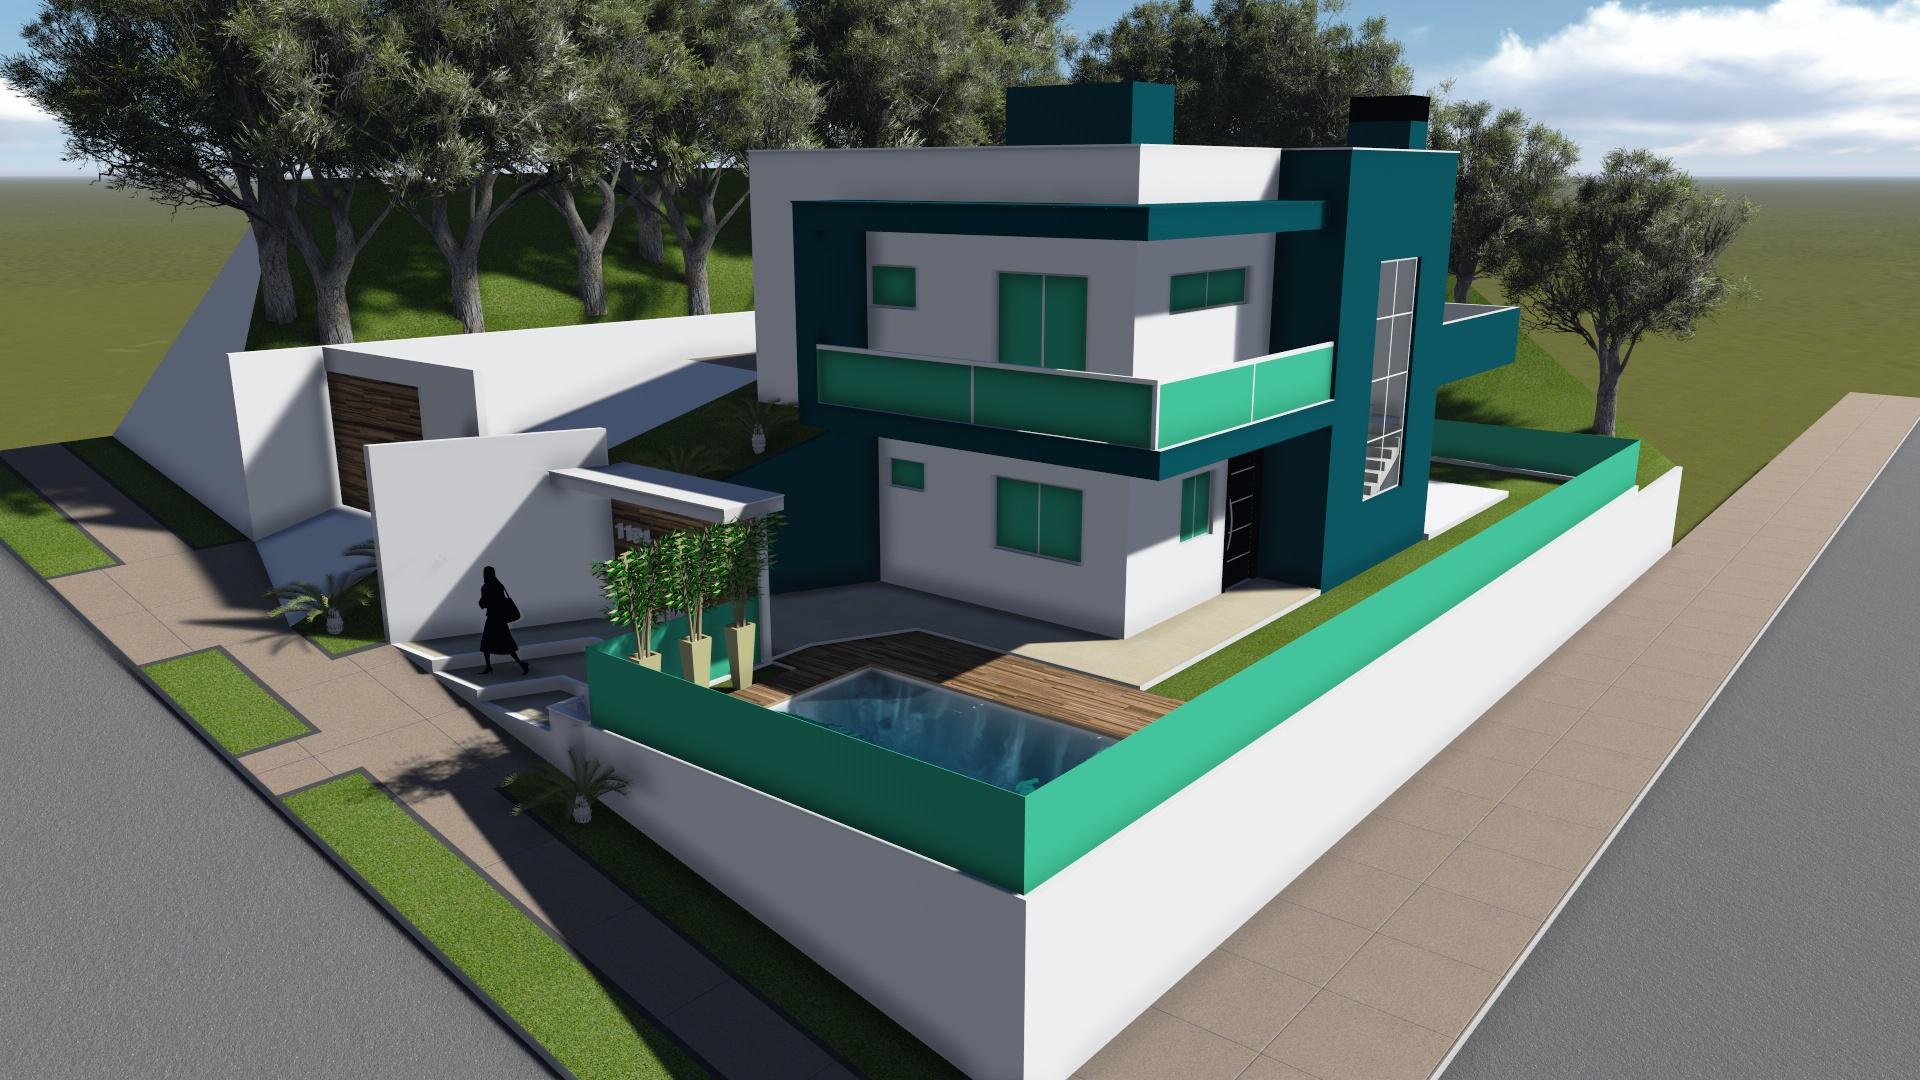 Projetos 11 (15)